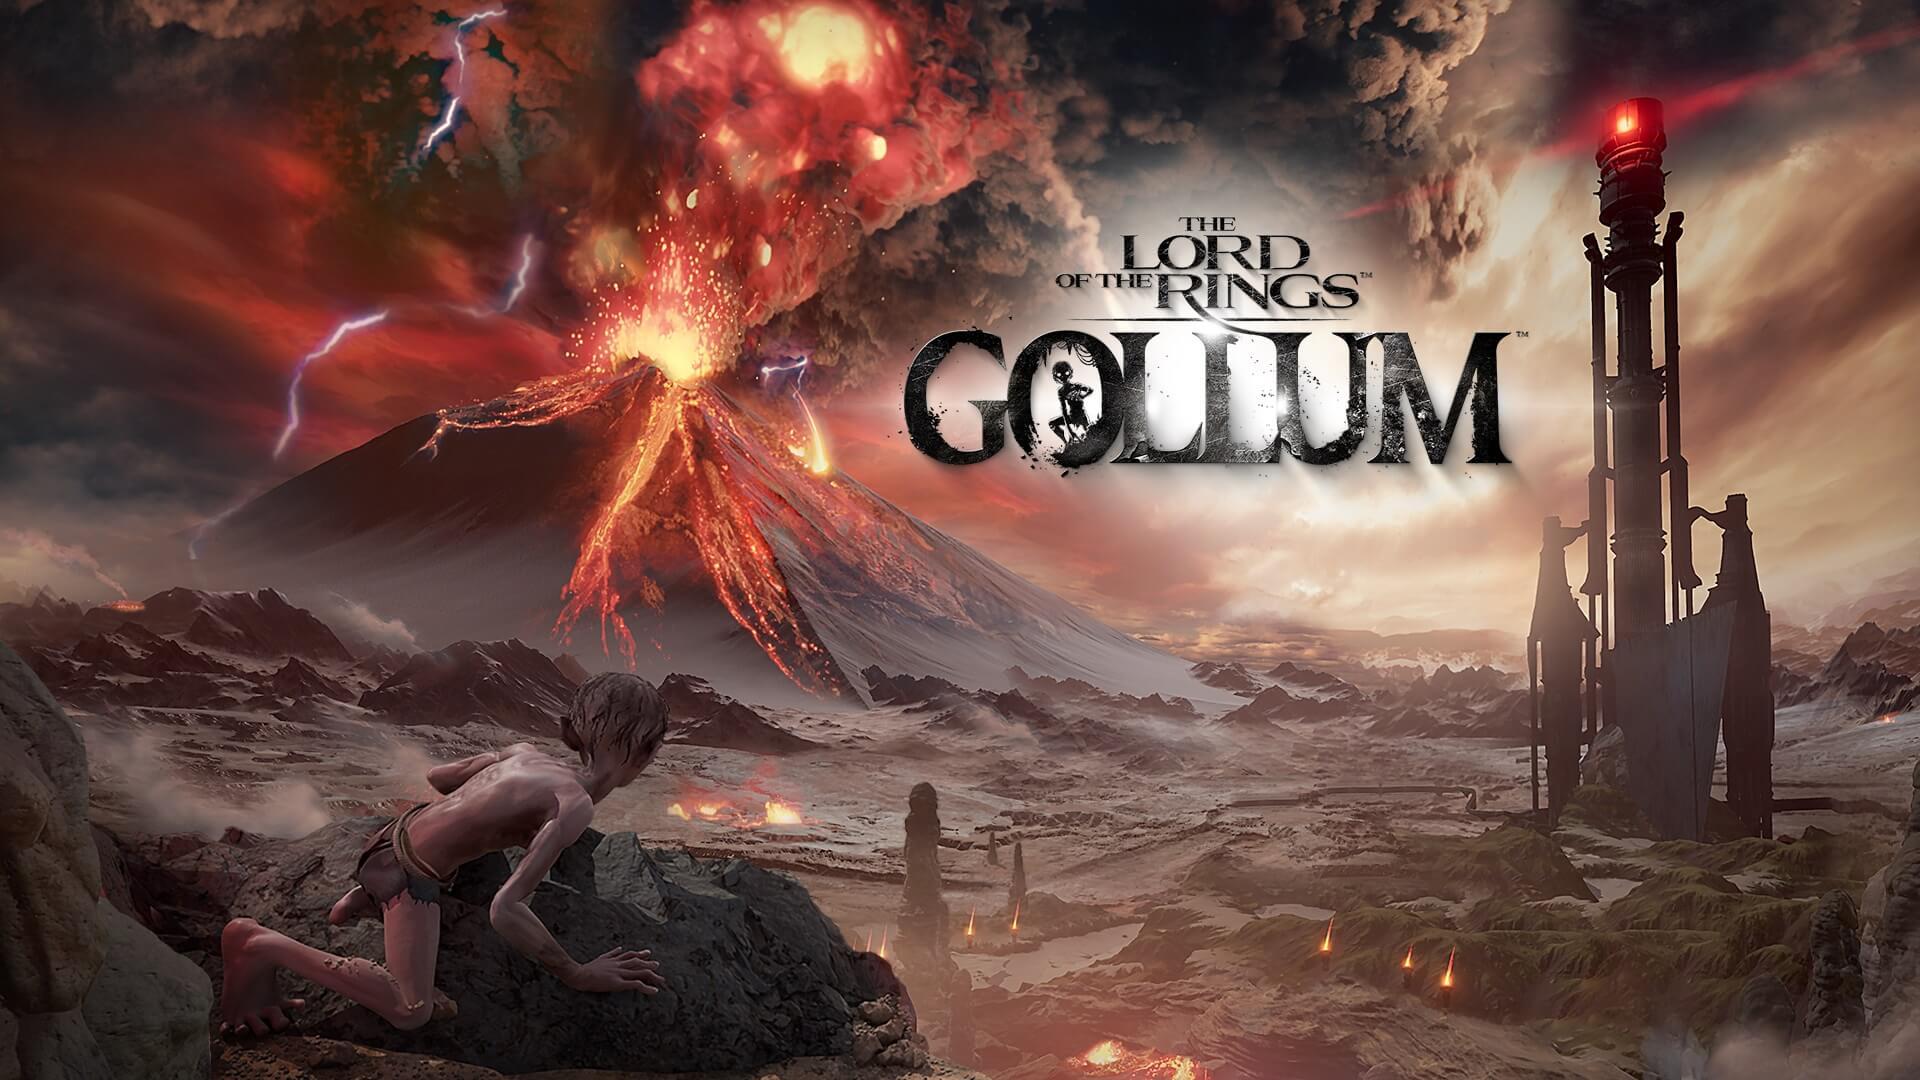 The Lord of the Rings: Gollum desvela un nuevo tráiler con gameplay